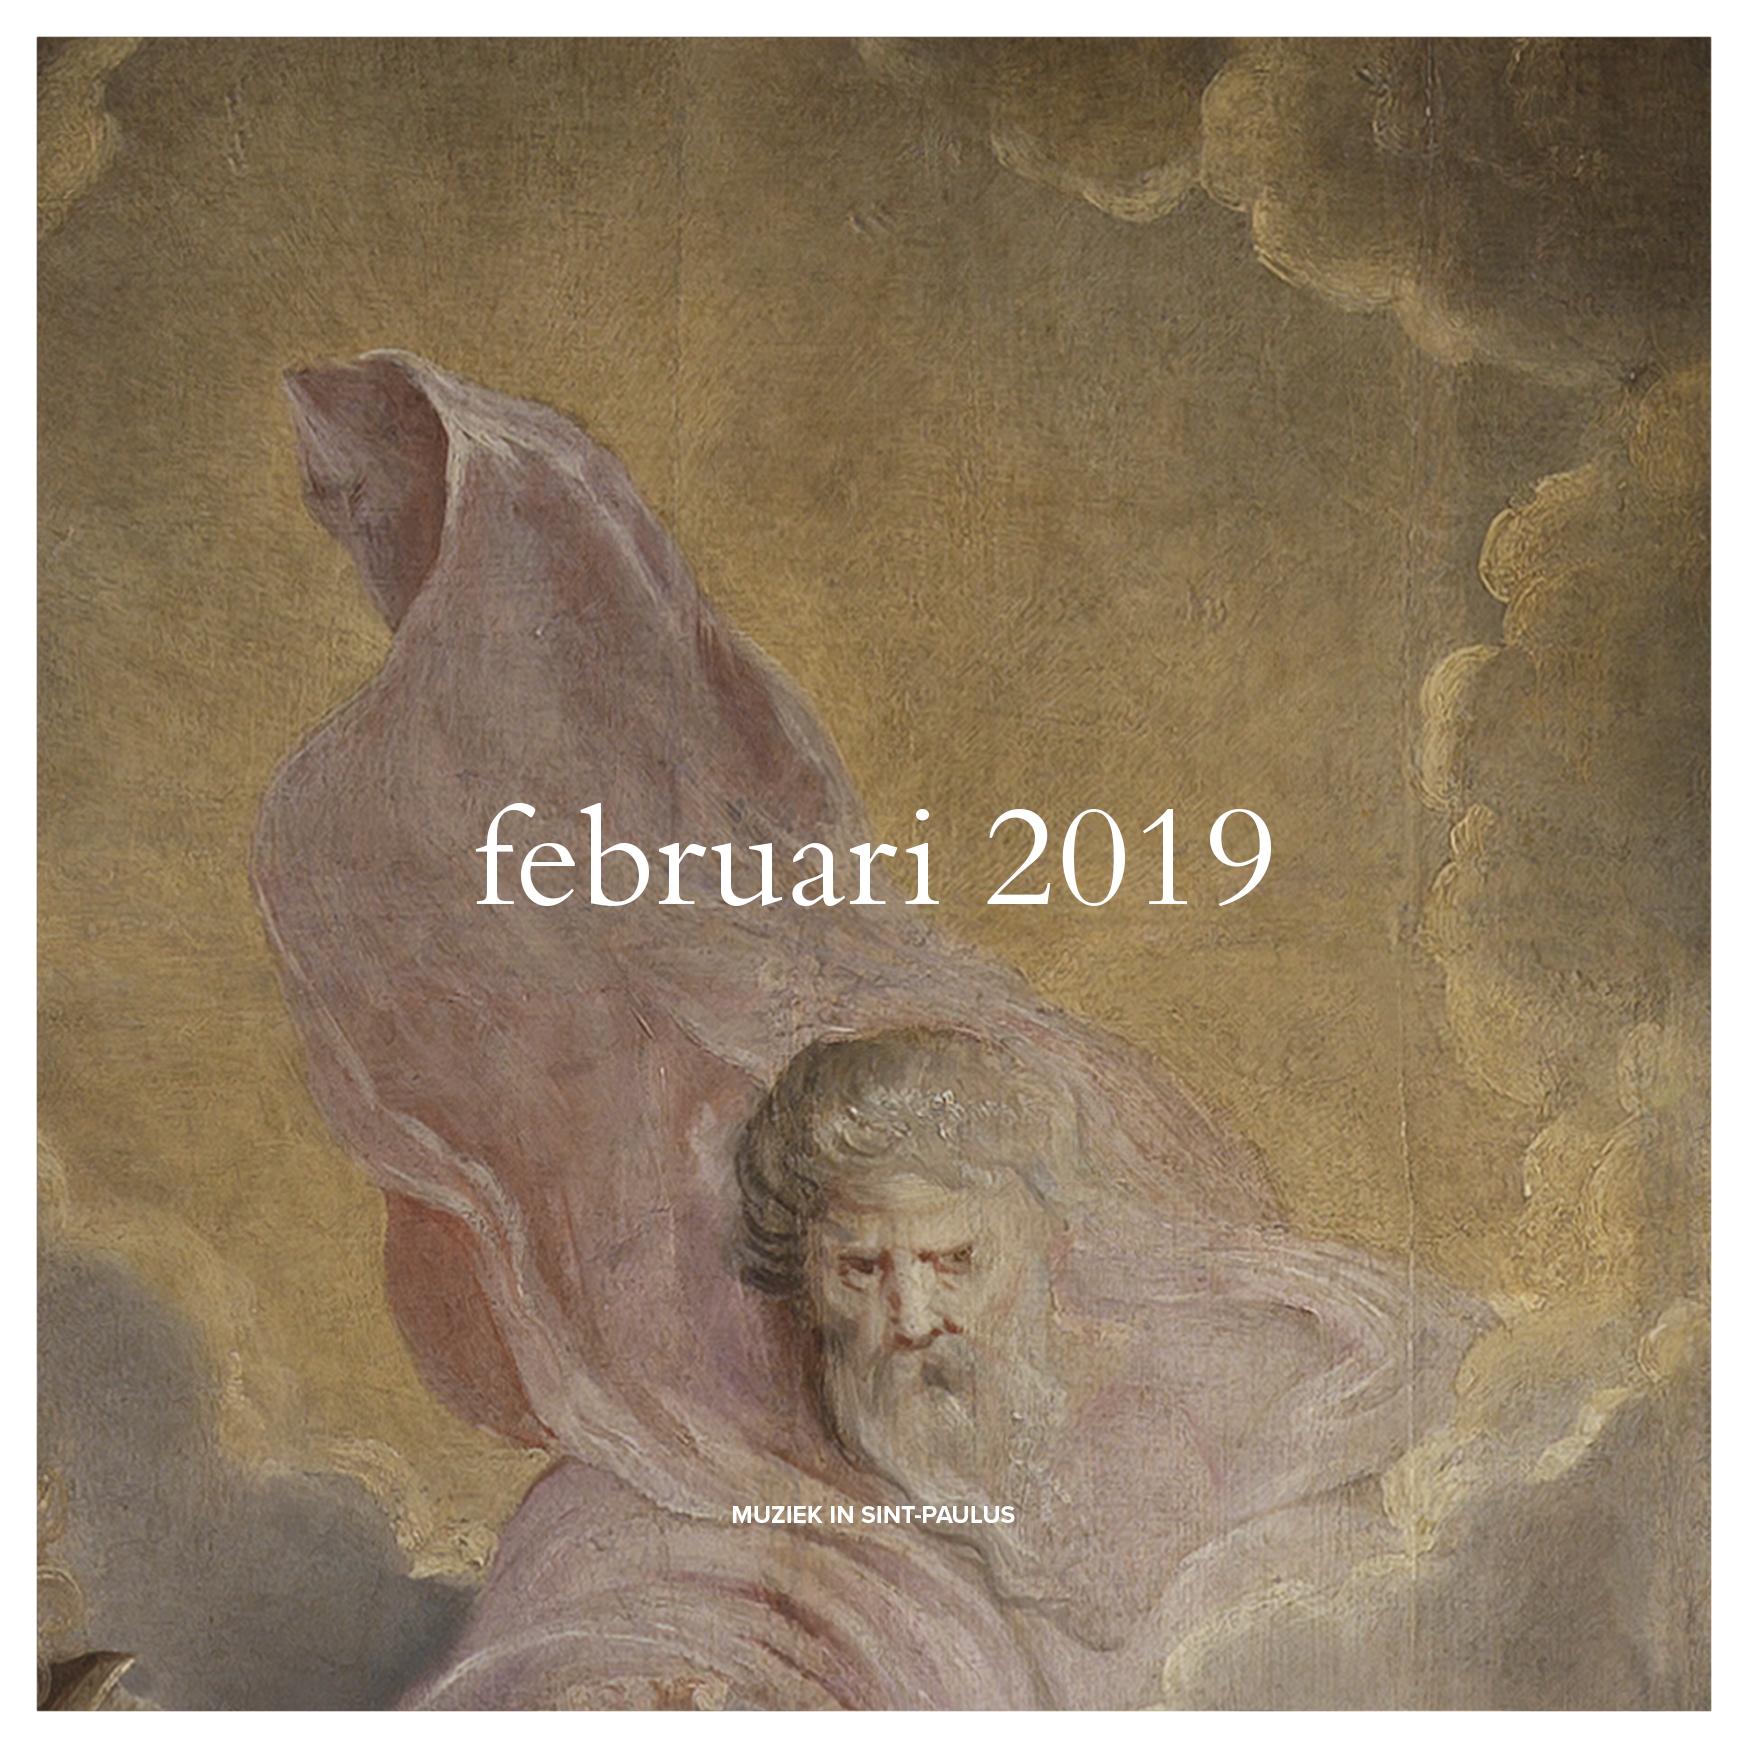 Muziek in Sint-Paulus - Februari 2019